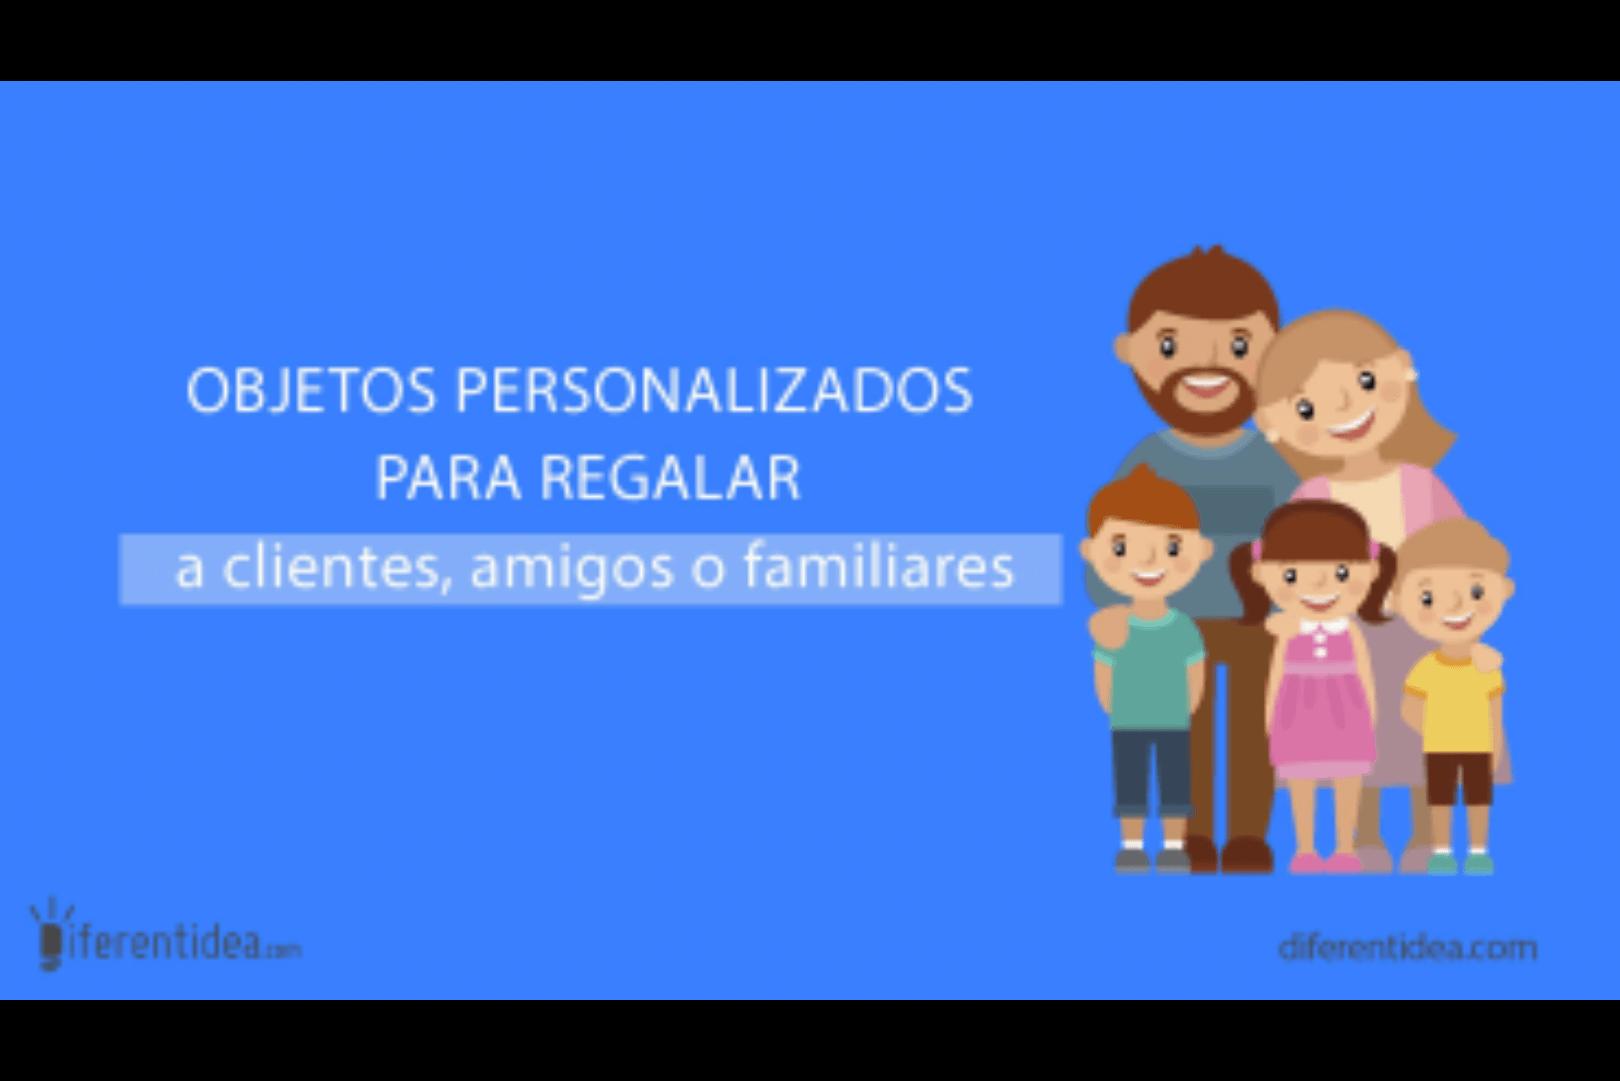 lg-b-objetos personalizados para regalar a clientes, amigos o familiares